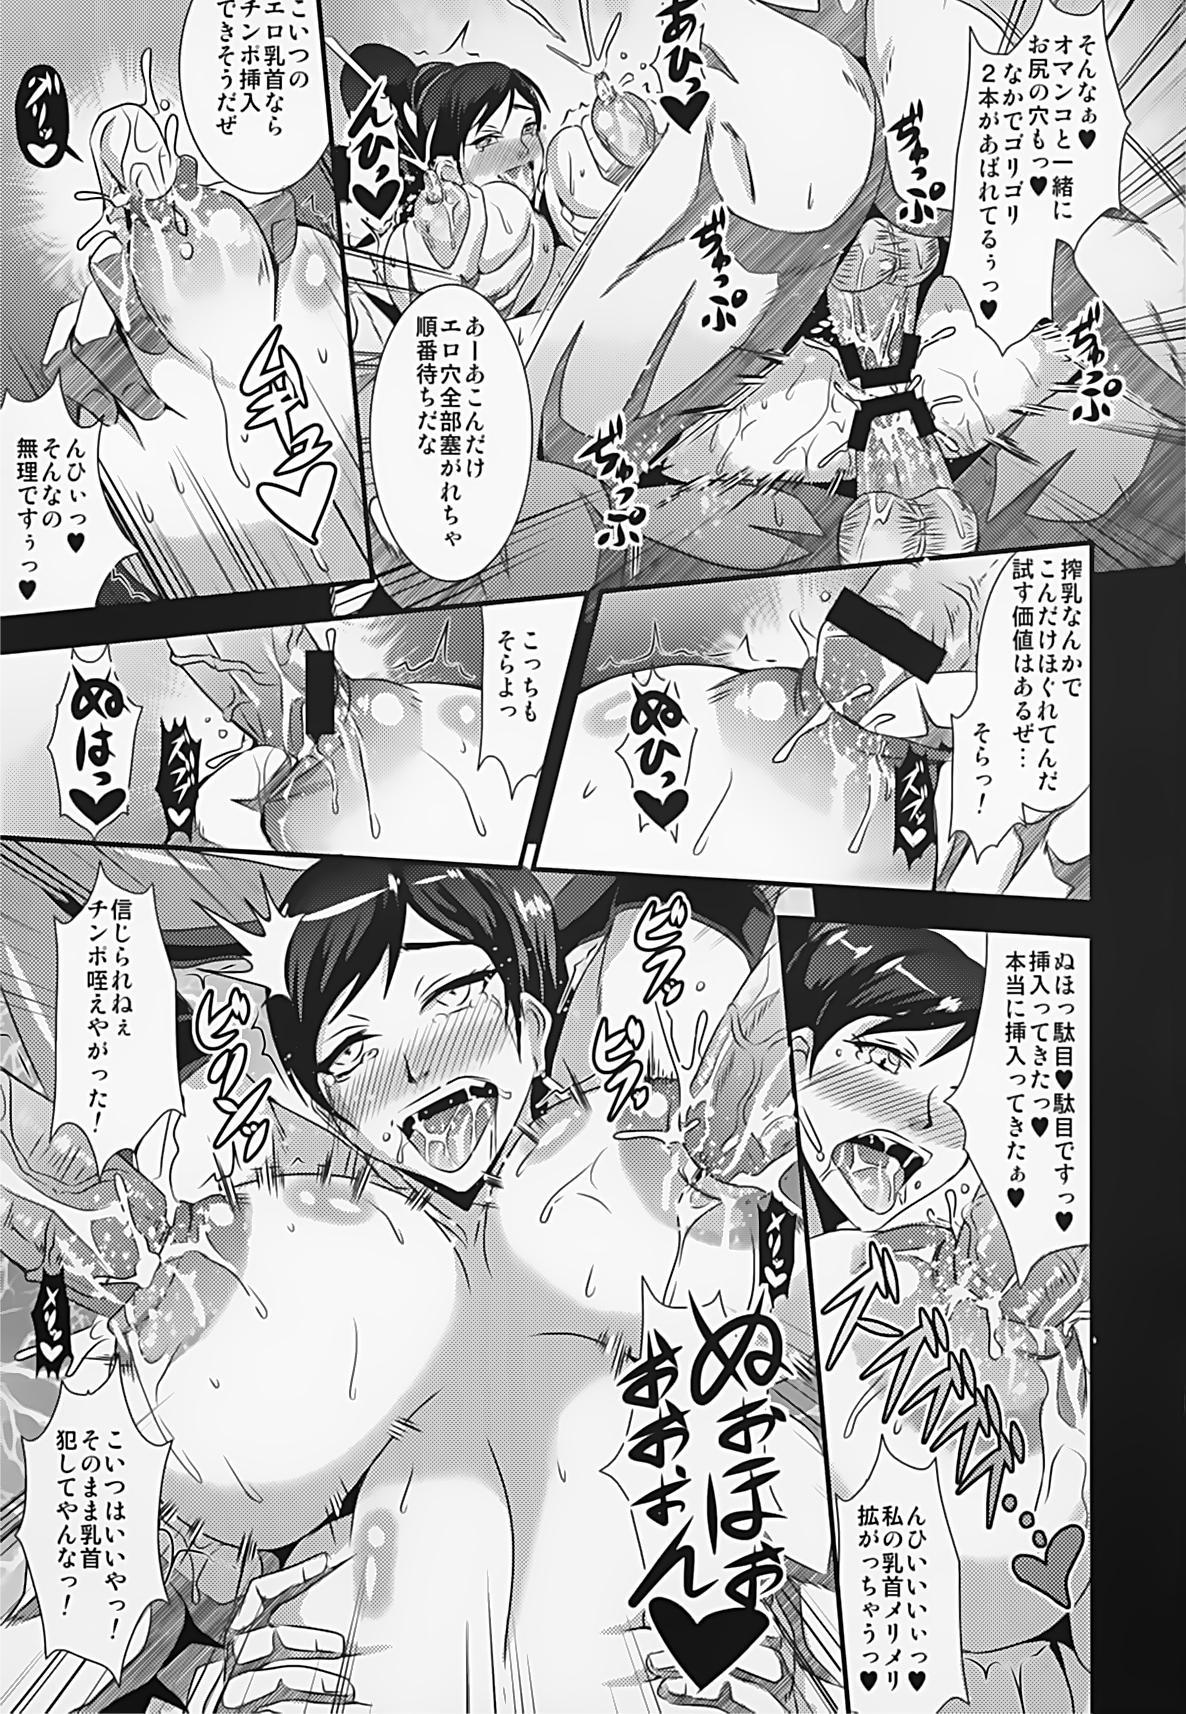 Gisho ・Renshiden 14